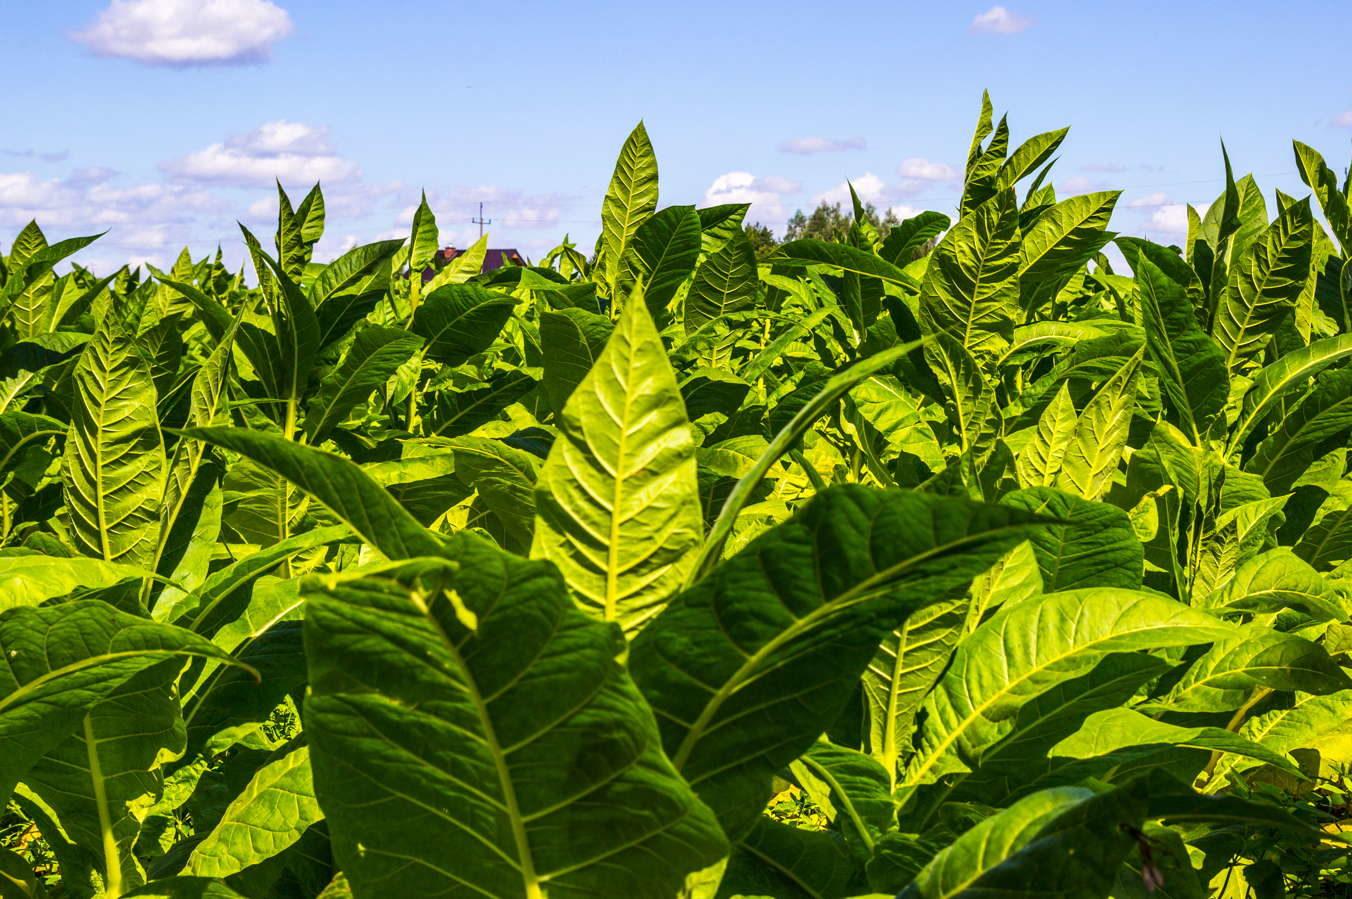 Tabakpflanze: Tipps zum Pflanzen, Pflegen & Überwintern